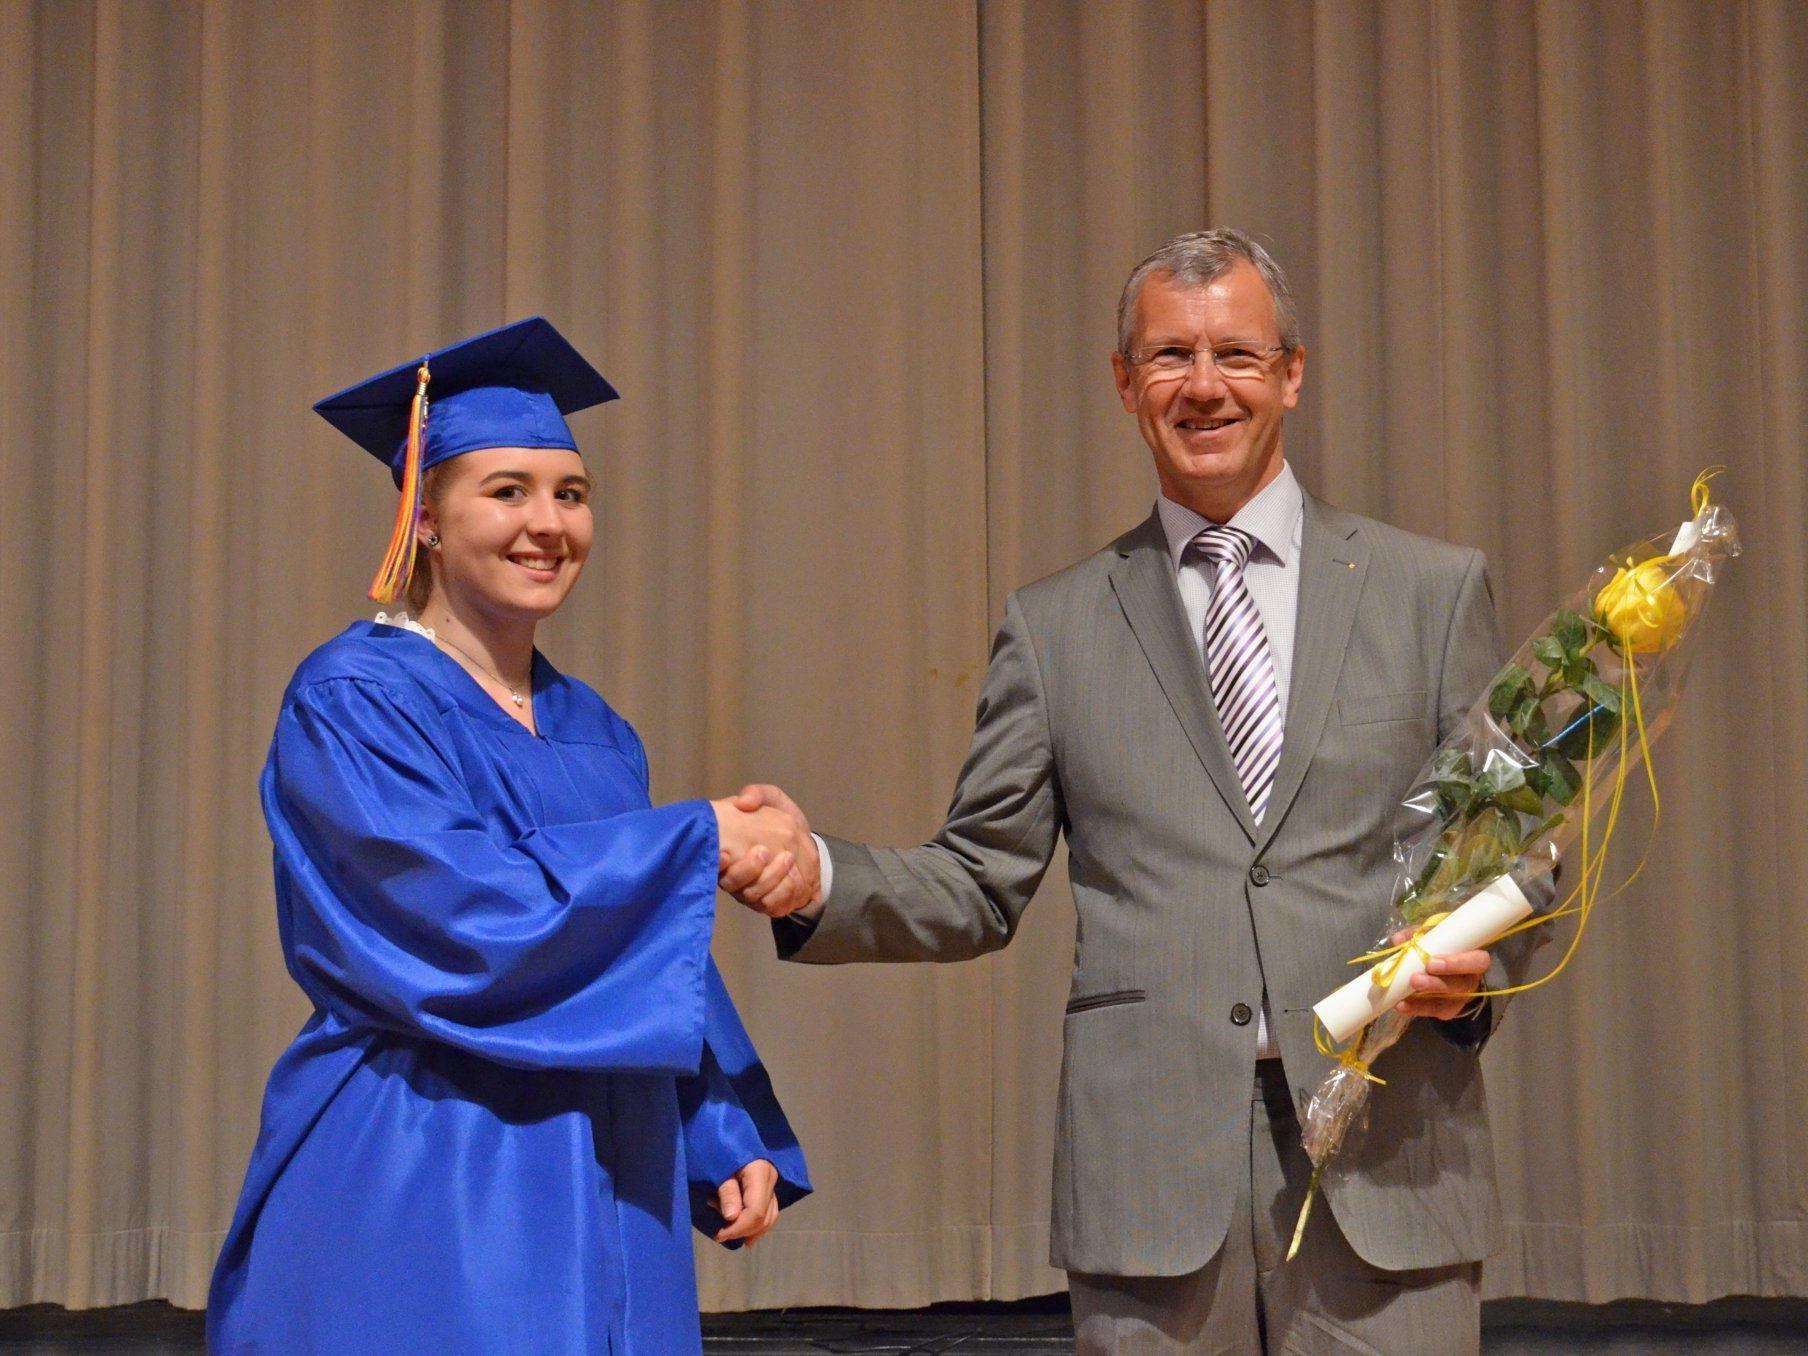 Schulpräsident Heiner Graf gratulierte der Maturantin Tatiana Bauer herzlich